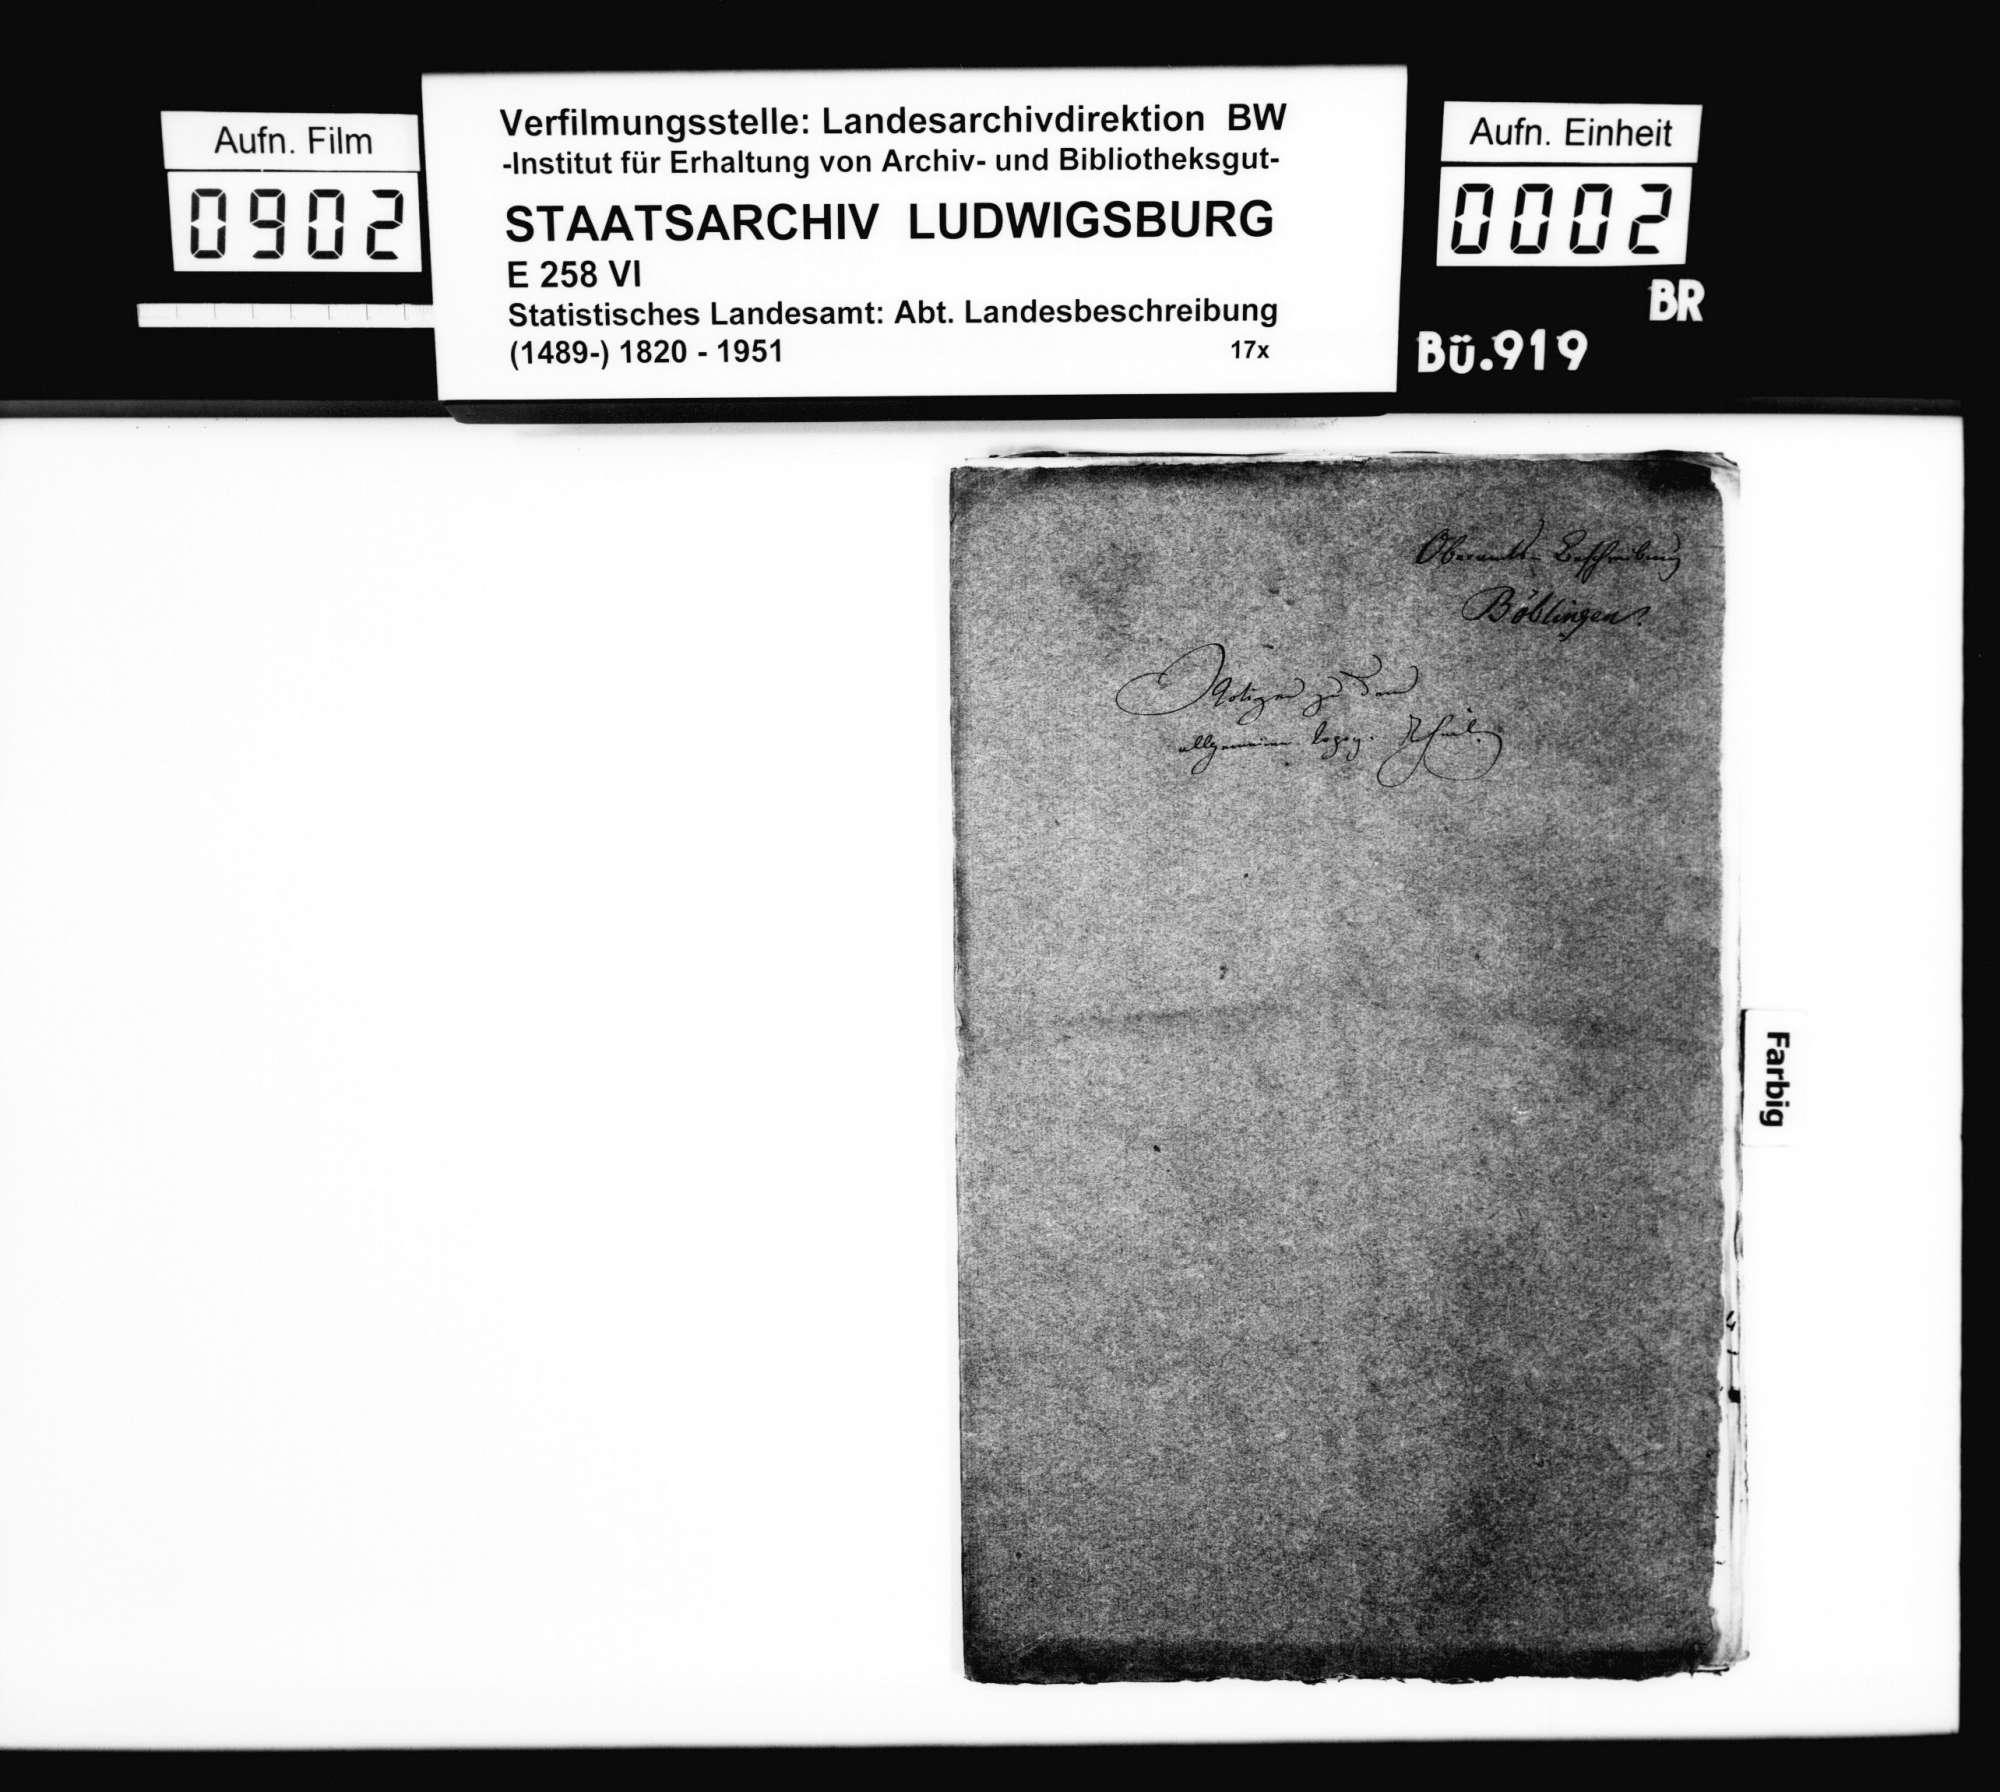 Anstände und Nachfragen sowie Notizen [v.a. des Topographen Paulus und des Oberstudienrats Stälin] zum Manuskript der OAB, Bild 1